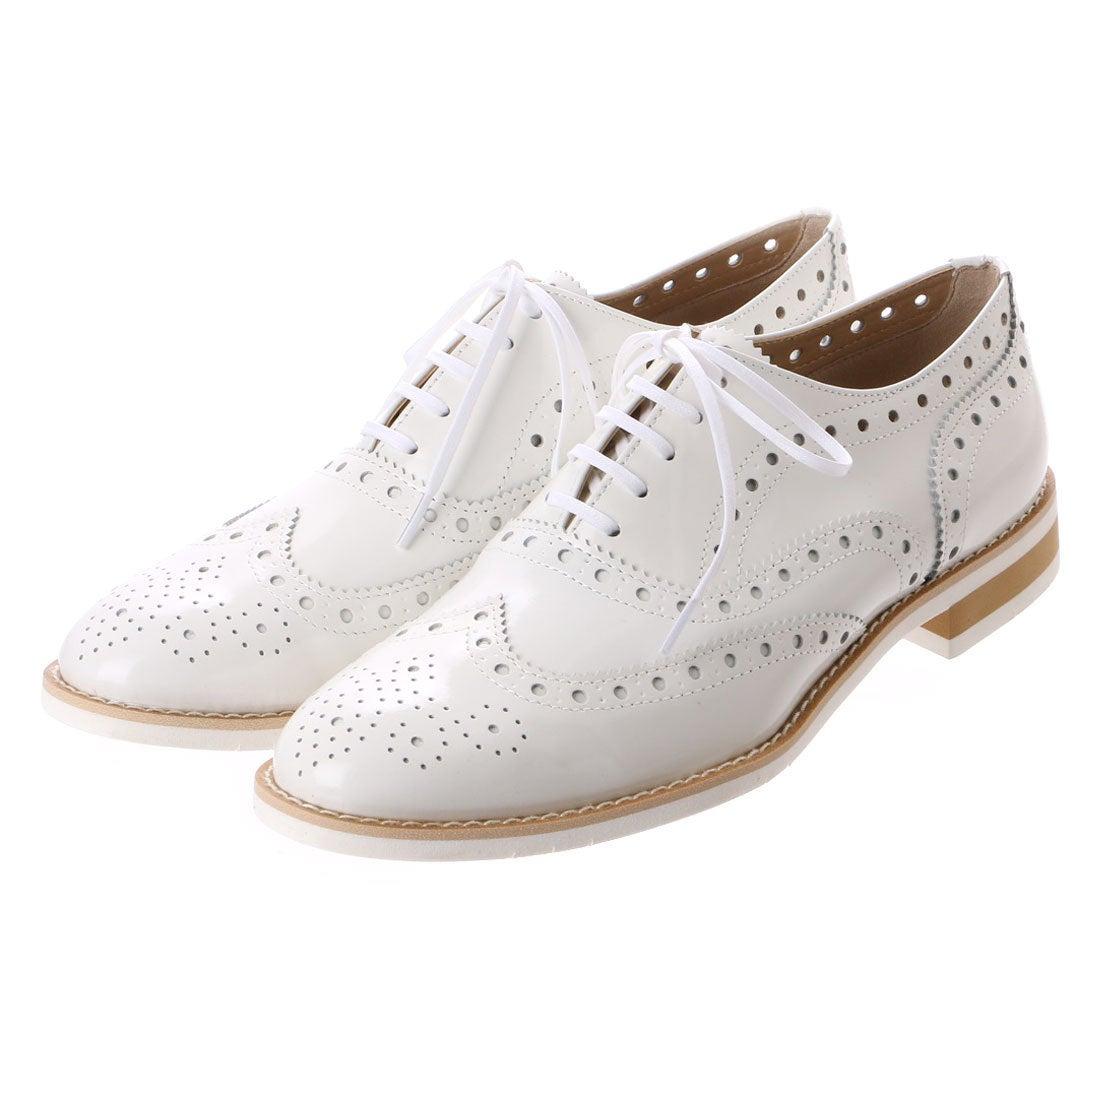 リミテッド エディション LIMITED EDITION カジュアルシューズ (ホワイト) ,靴とファッションの通販サイト ロコンド